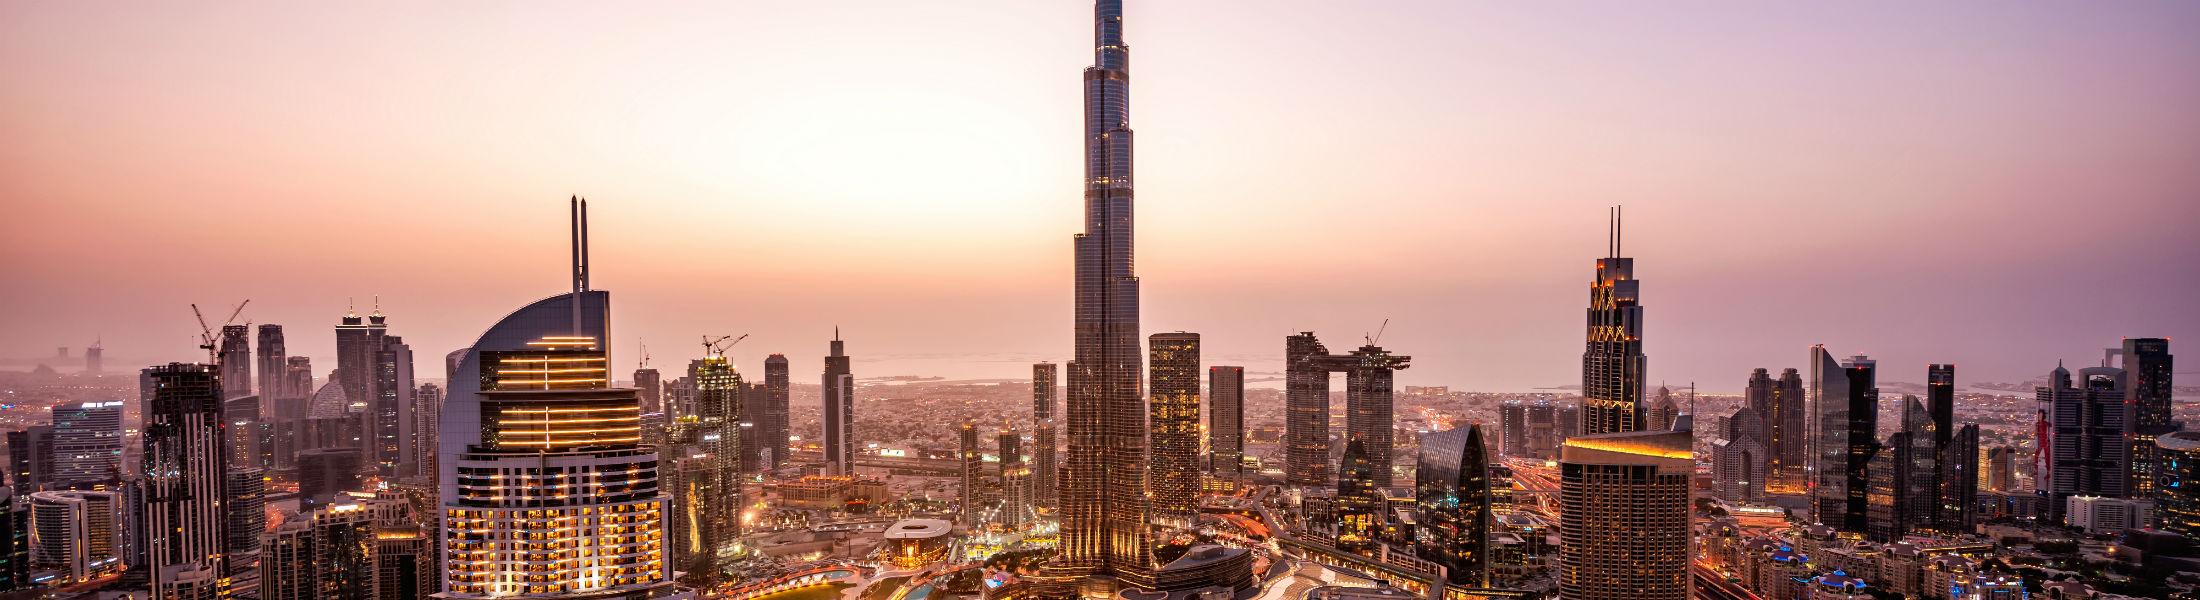 Dubai - Burj Khalifa and city at dusk